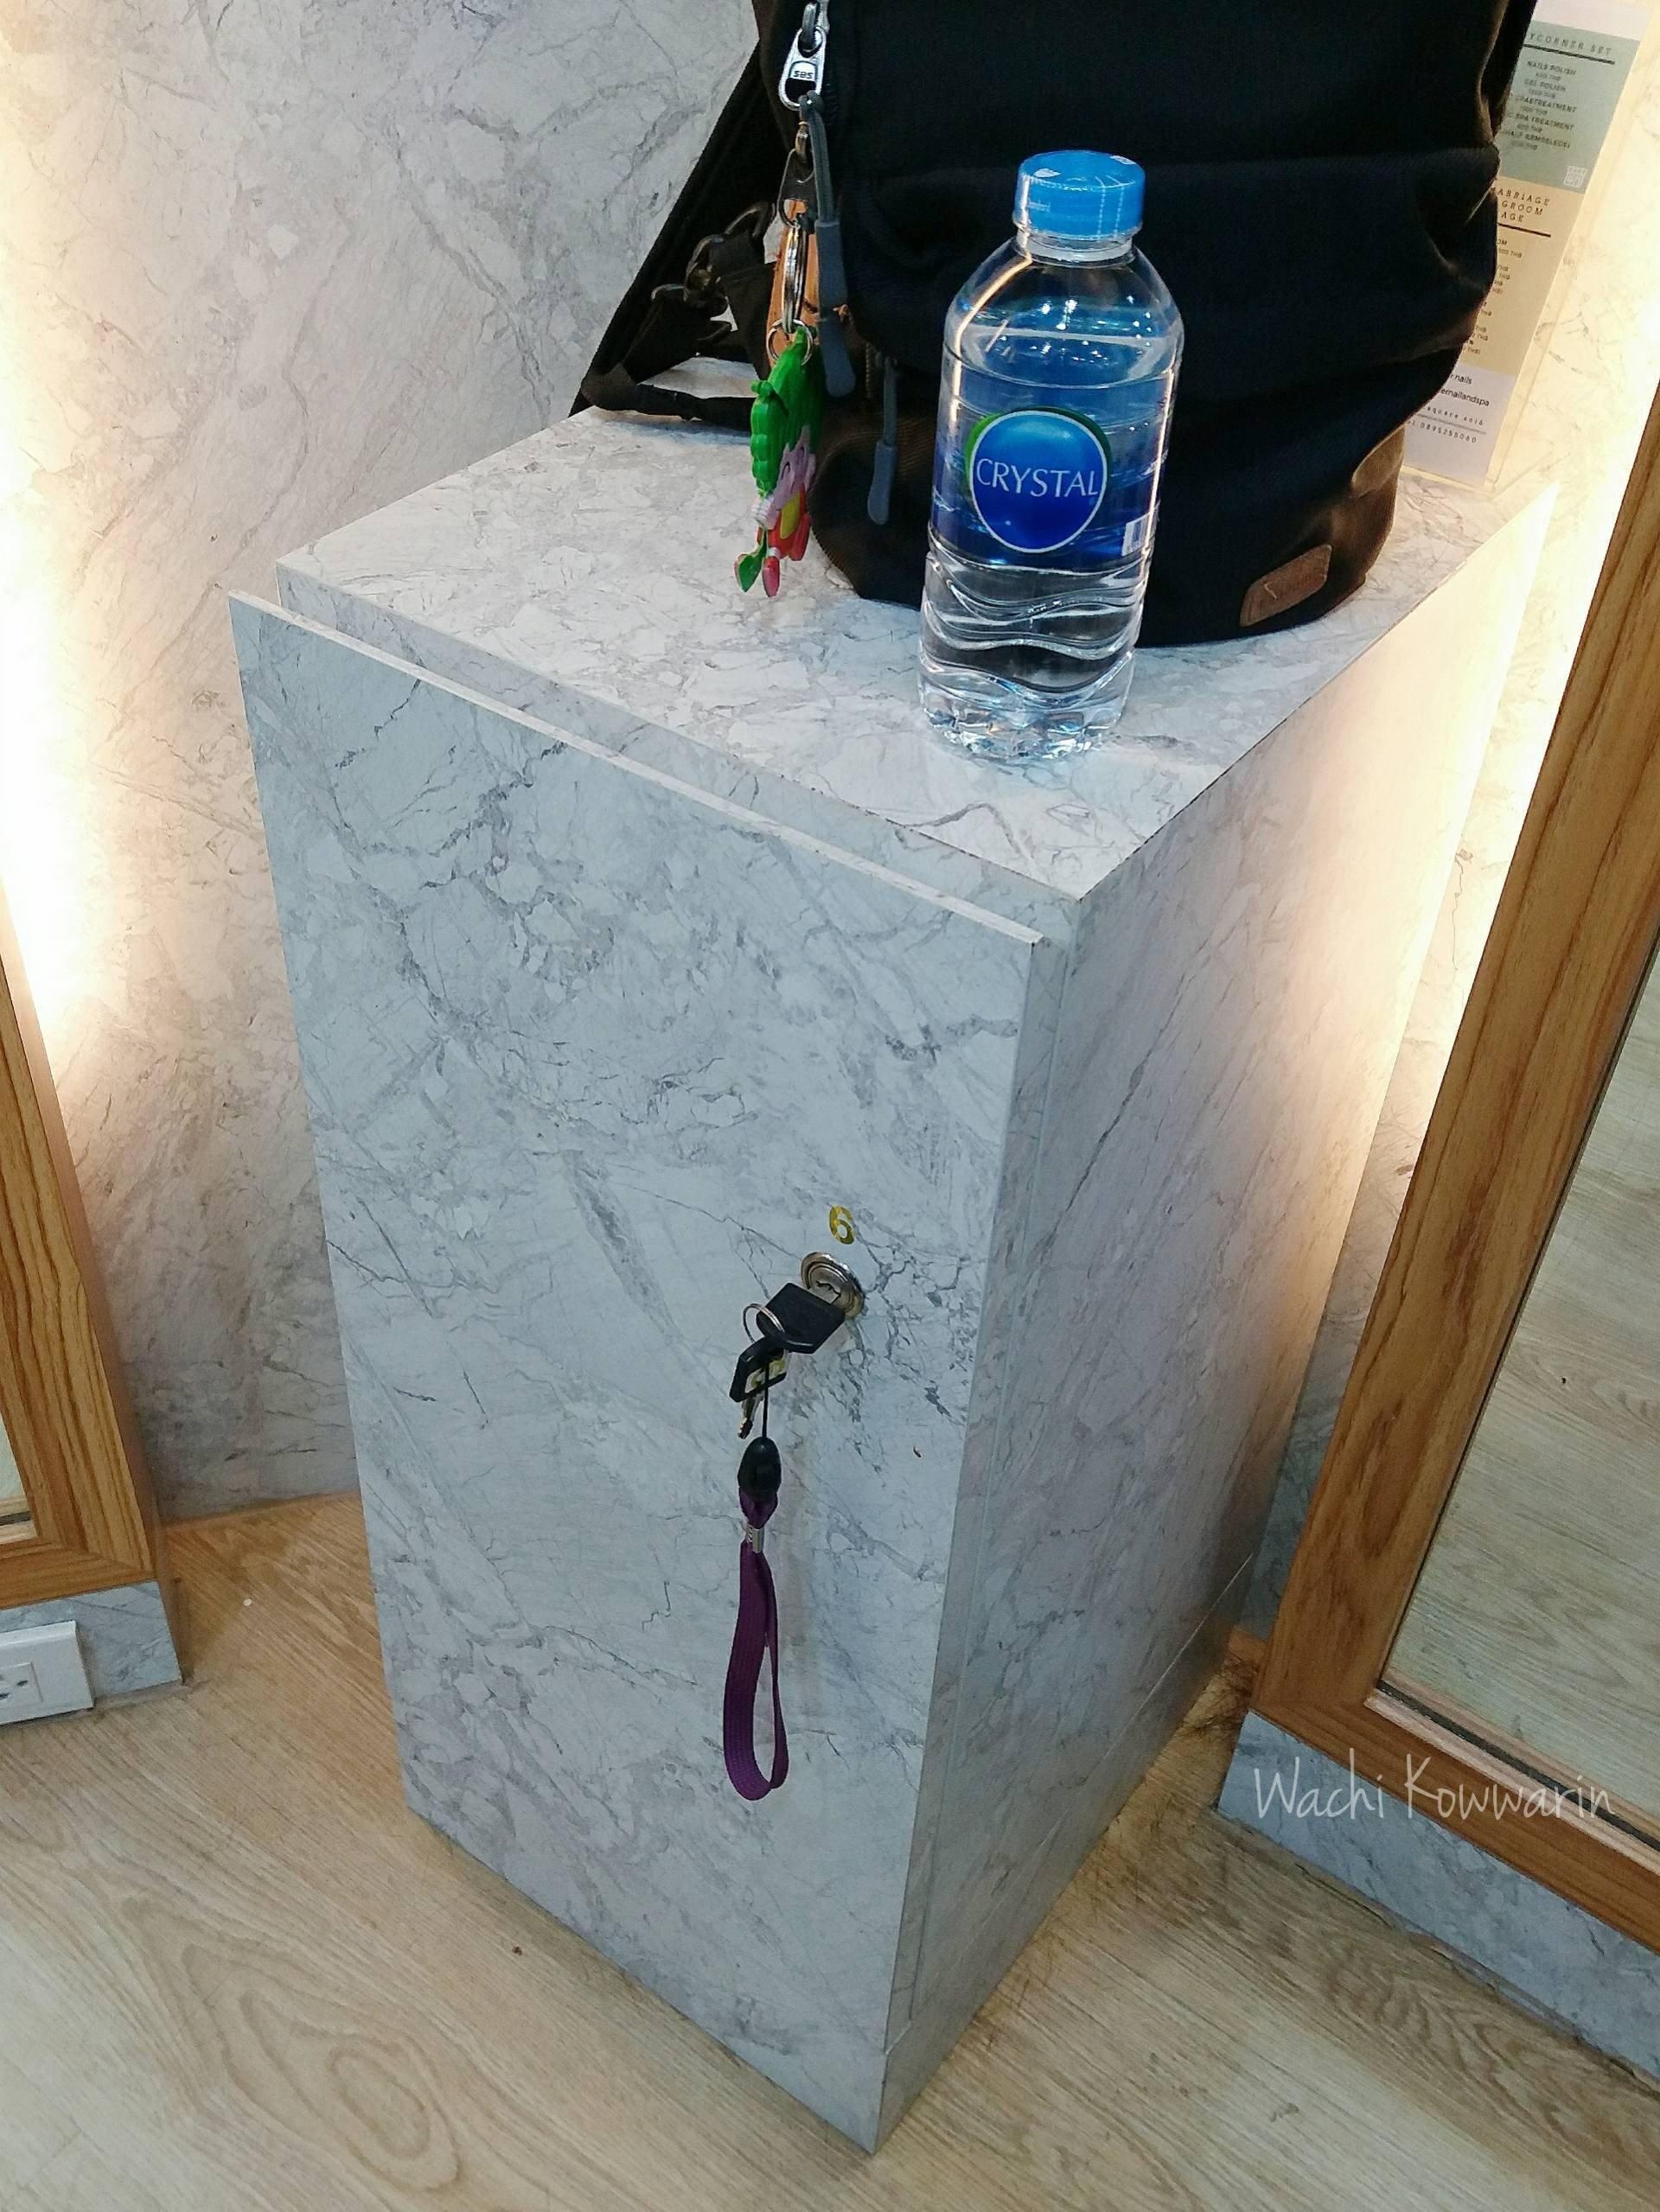 มีตู้สำหรับเก็บของให้ กับน้ำ